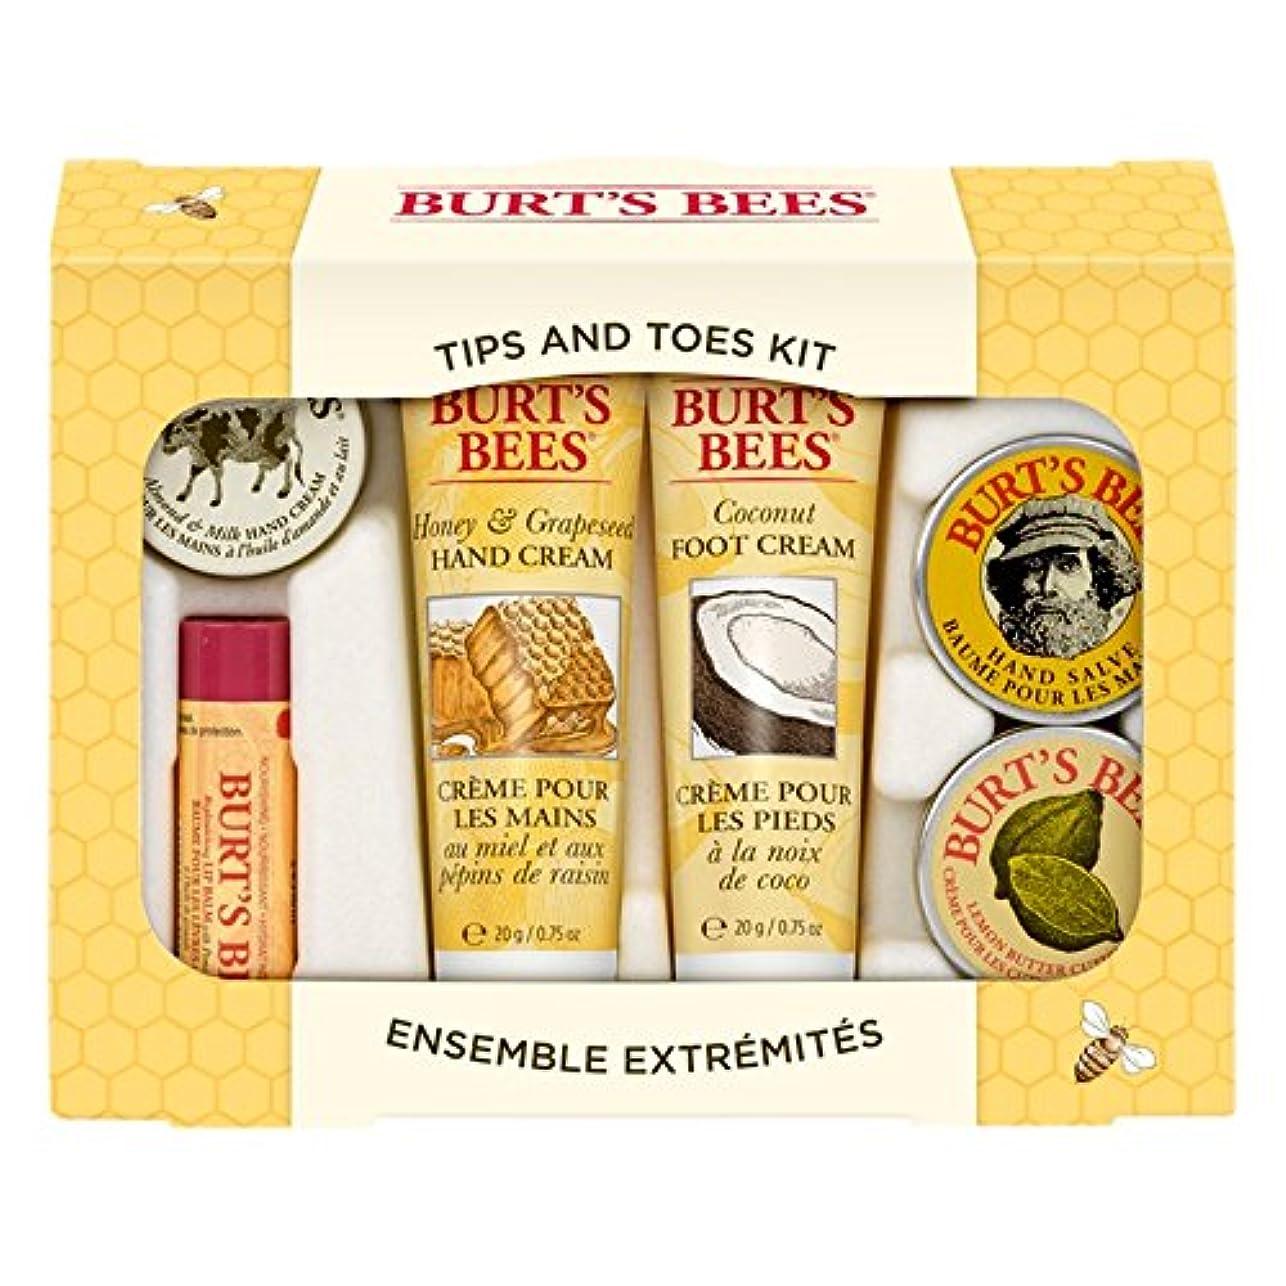 汚染上に築きますする必要があるバーツビーのヒントとつま先はスターターキットをスキンケア (Burt's Bees) - Burt's Bees Tips And Toes Skincare Starter Kit [並行輸入品]